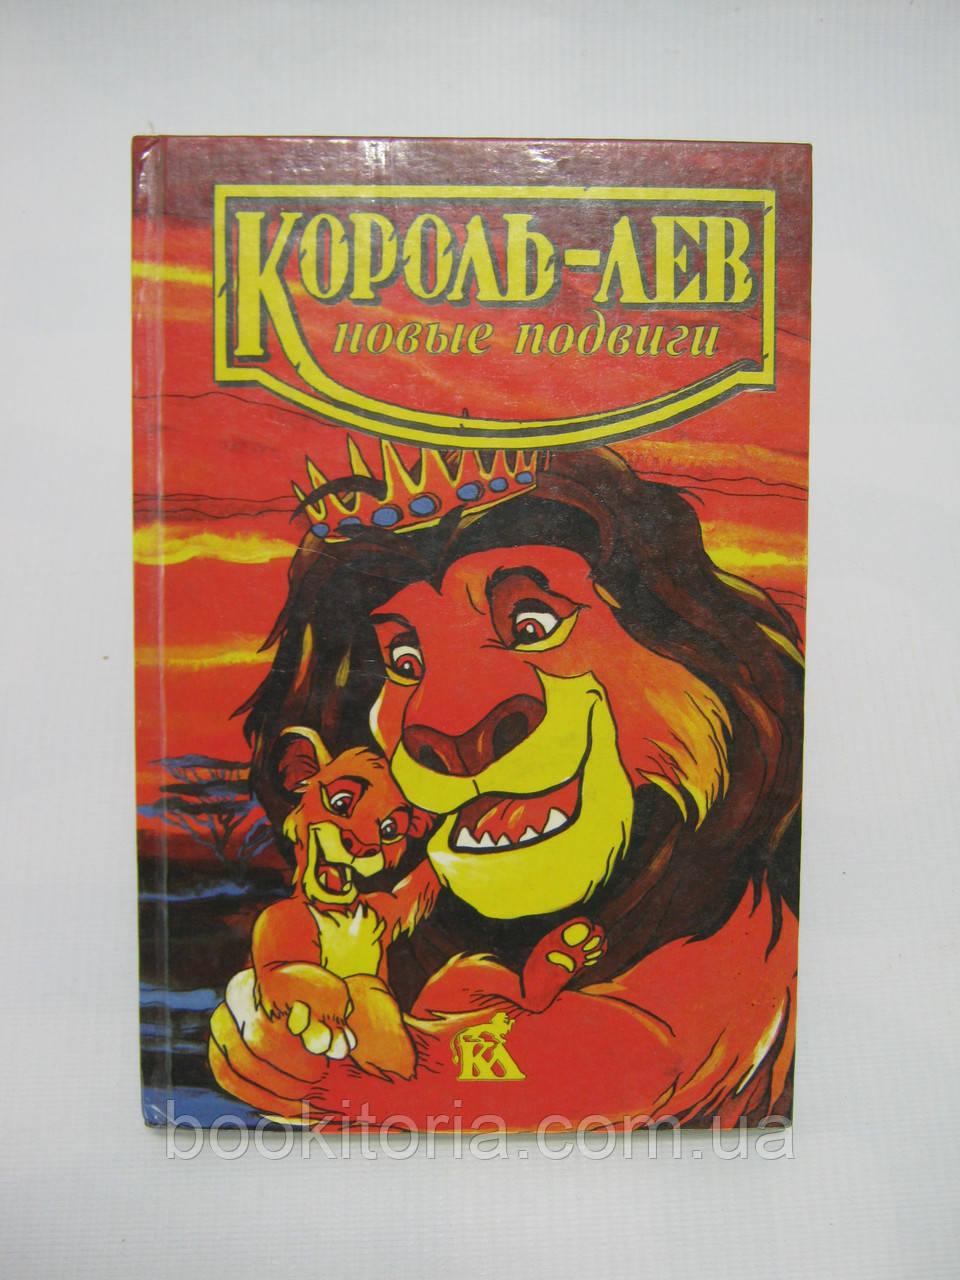 Адамс Л. Король-Лев: новые подвиги (б/у).